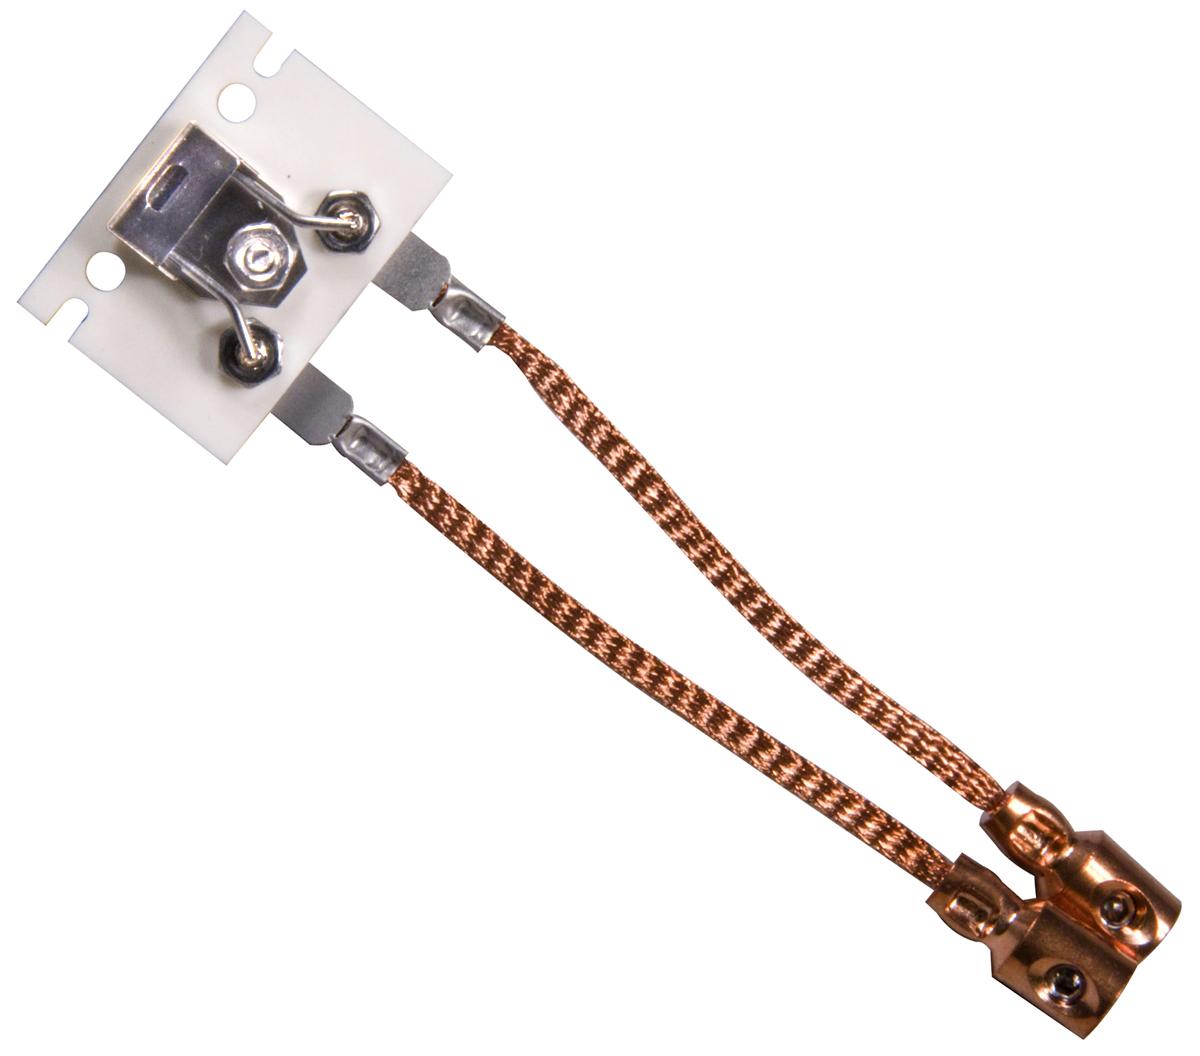 Shimadzu Filament Repair at SIS